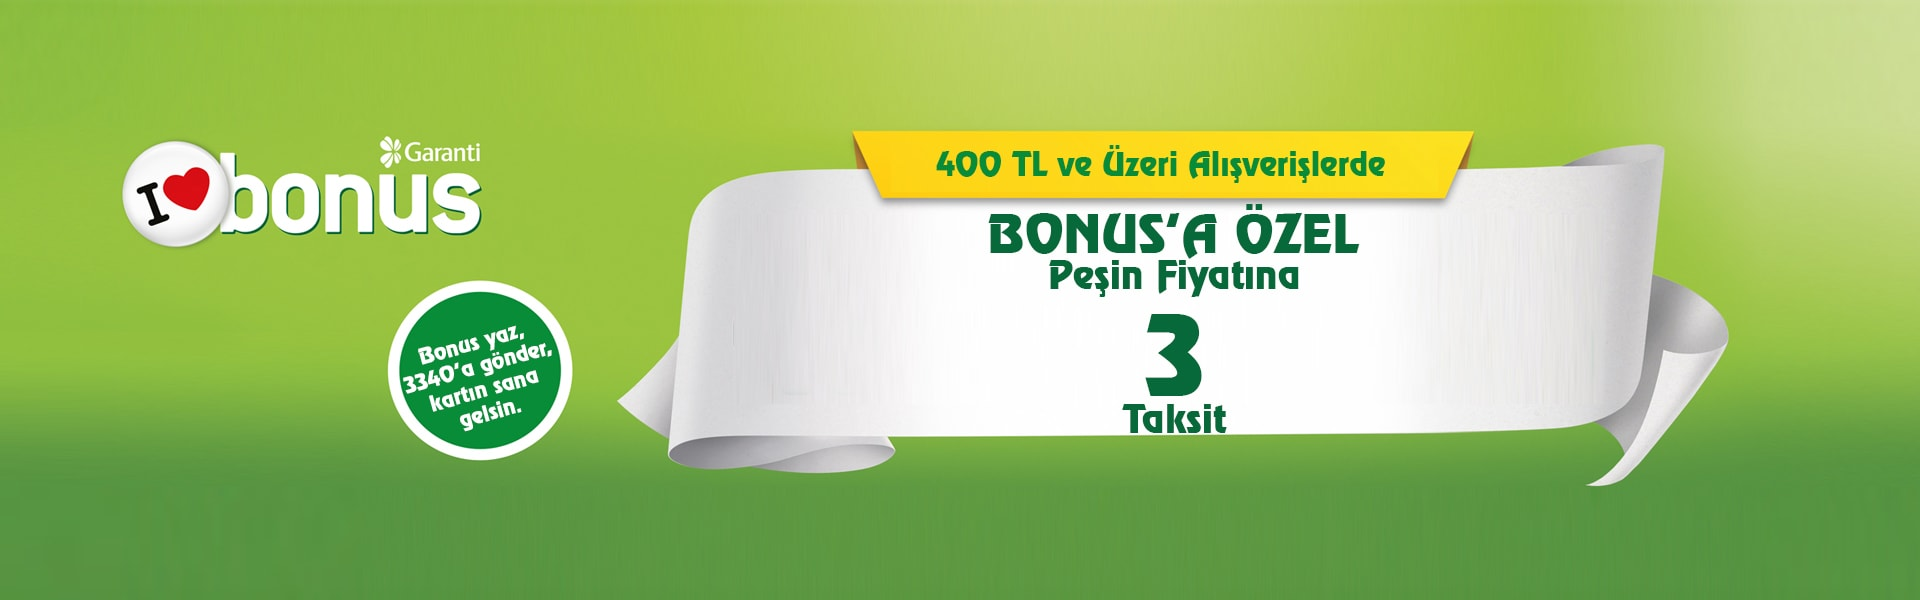 400 TL ve Üzeri Alışverişlerde Bonus'a Özel Peşin Fiyatına 3 Taksit